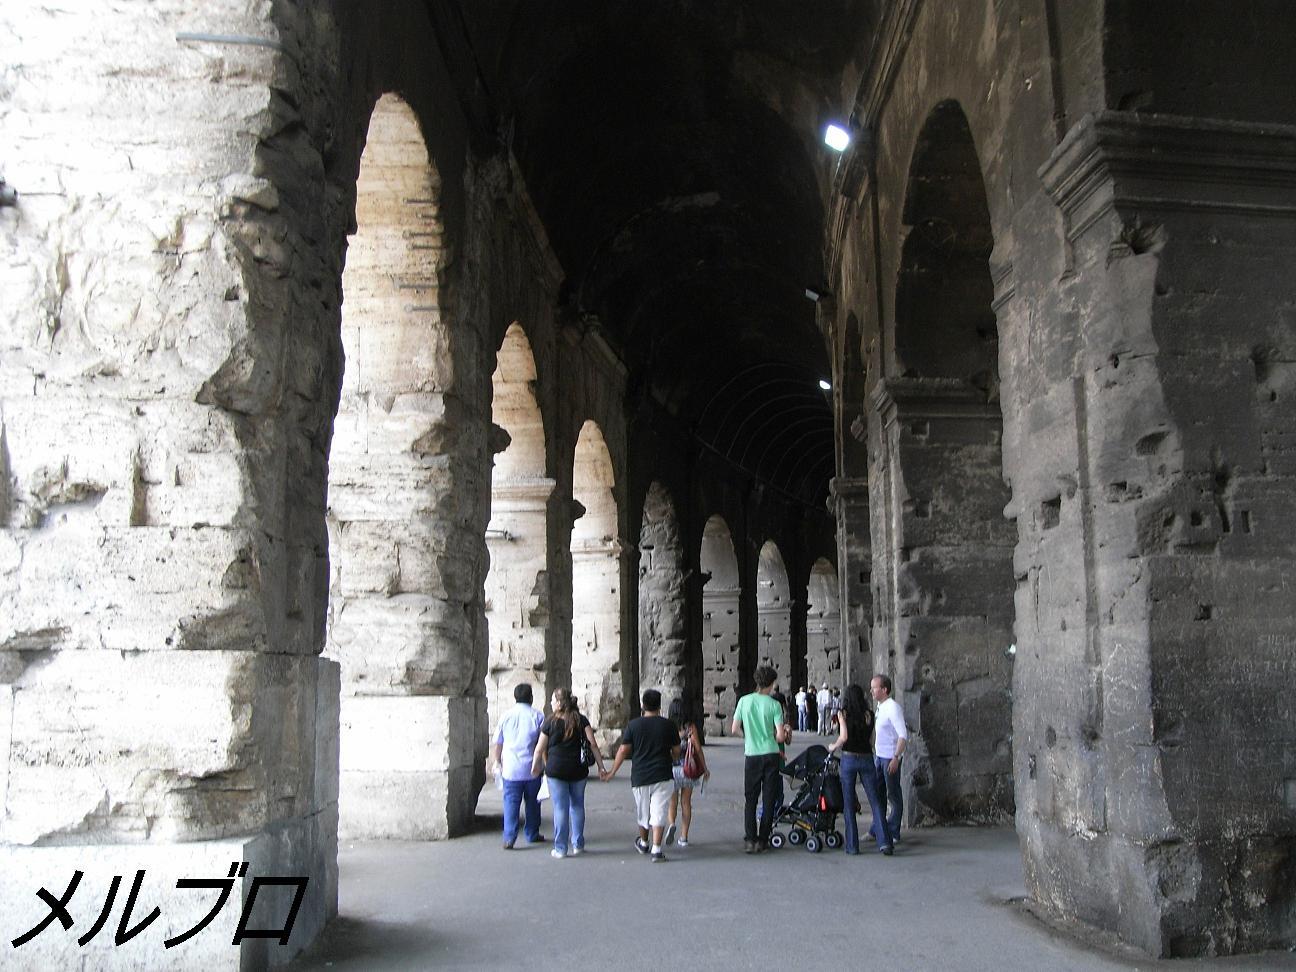 コロッセオの入り口